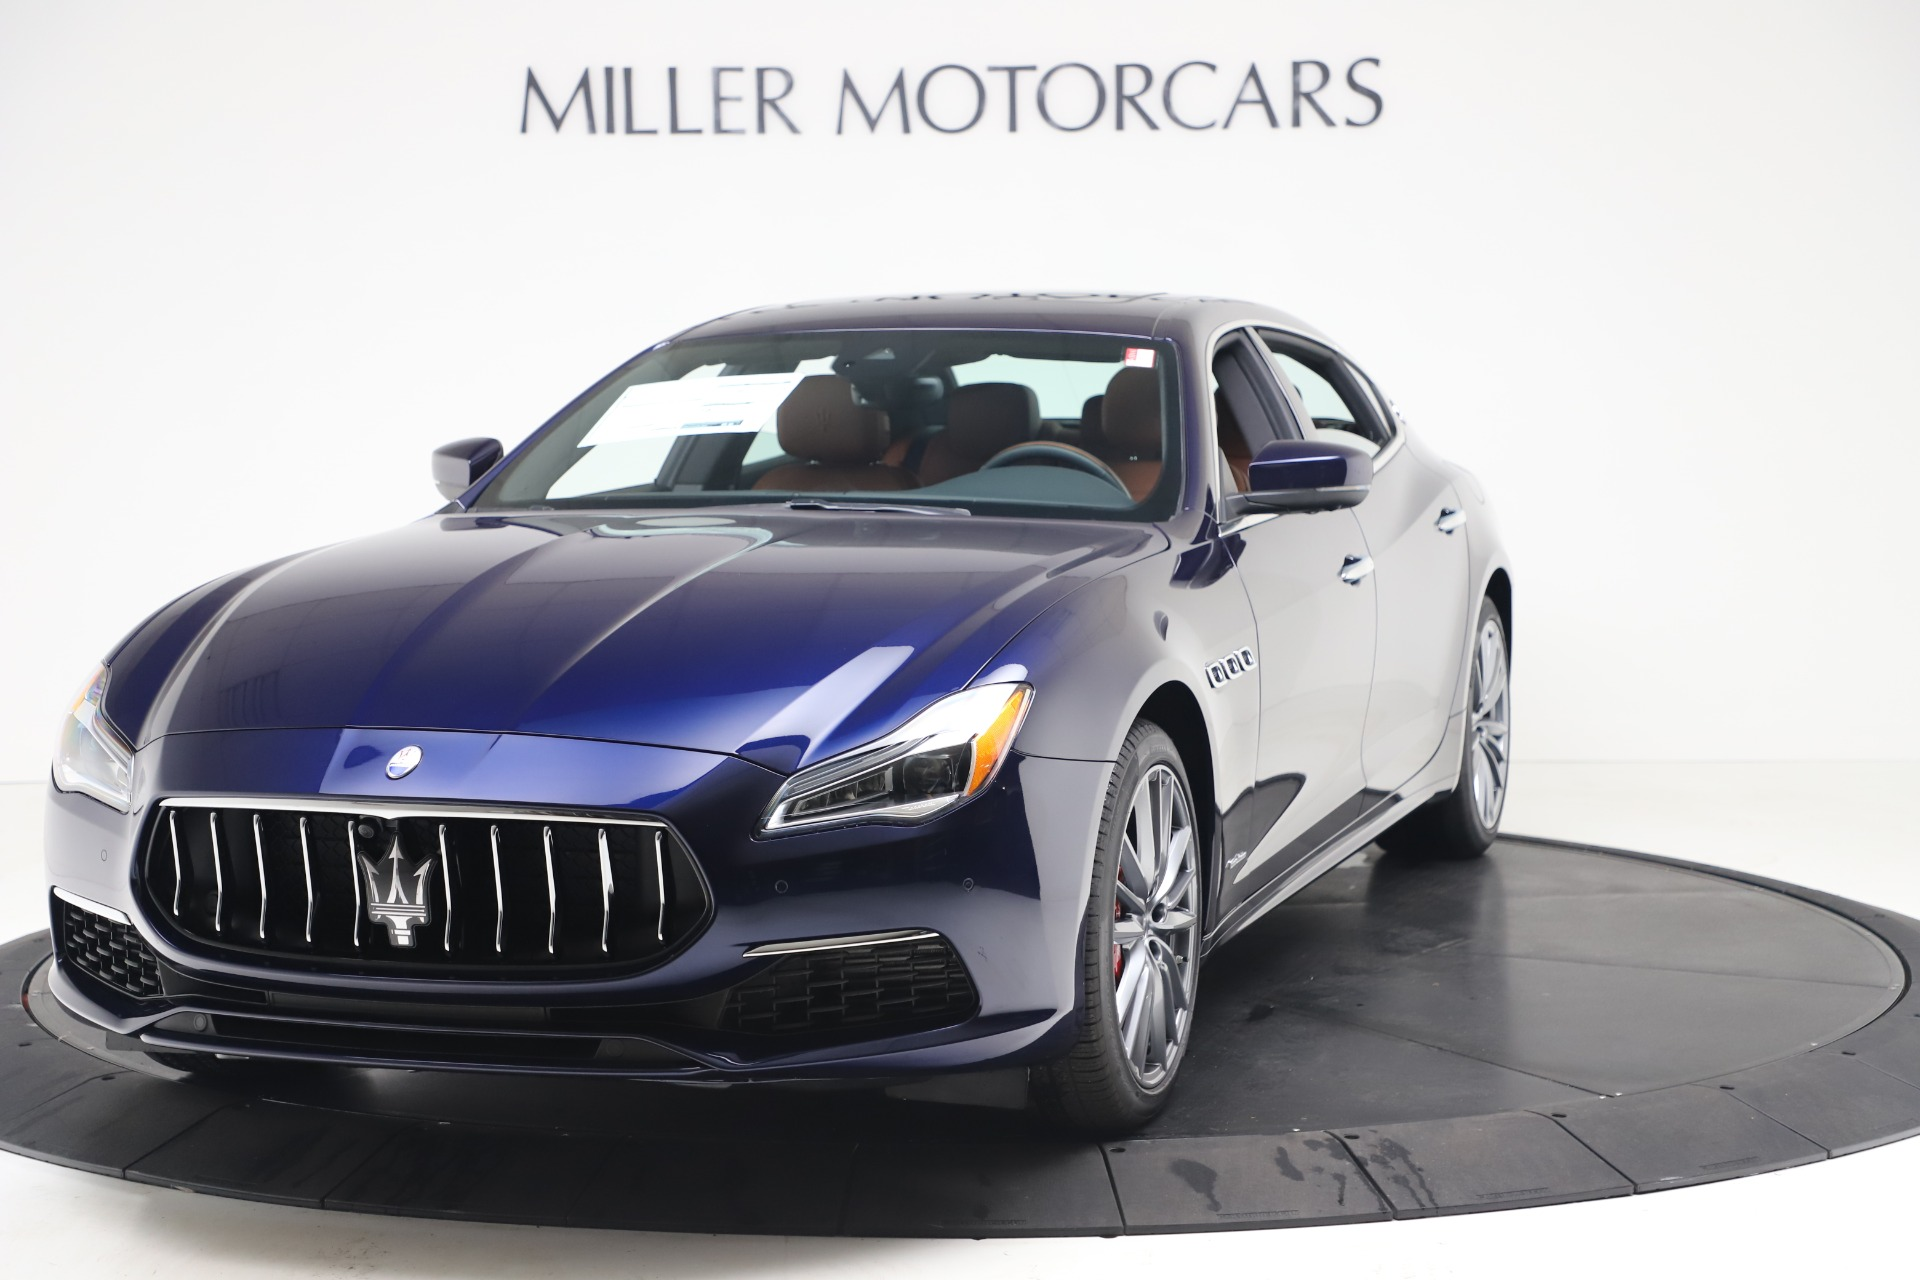 New 2020 Maserati Quattroporte S Q4 GranLusso for sale $117,935 at Maserati of Westport in Westport CT 06880 1